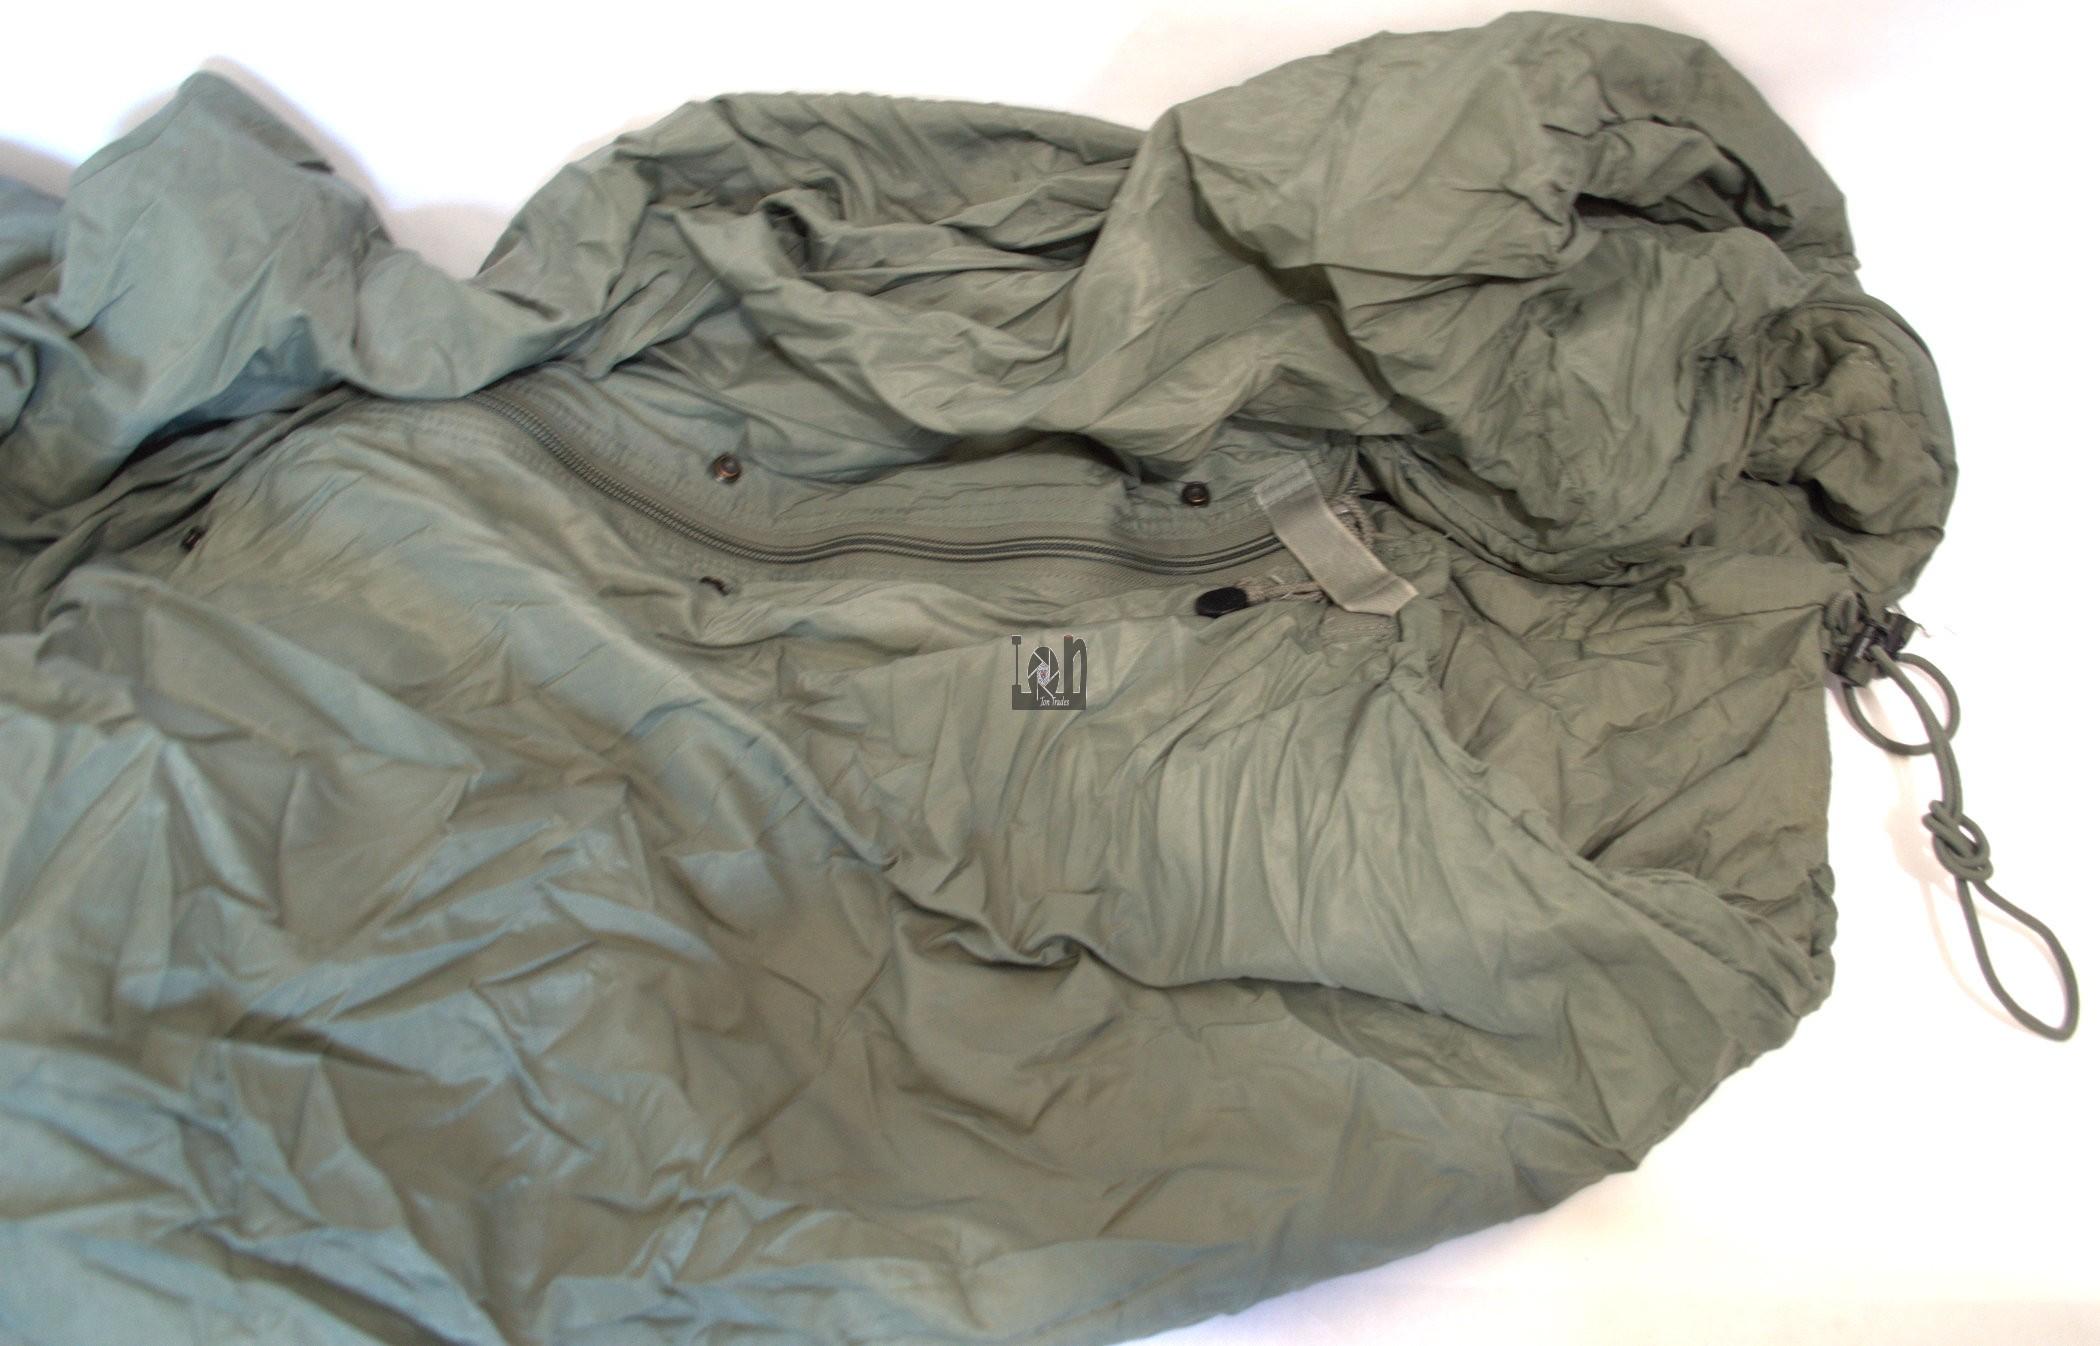 US Army Modular Sleeping Bag Patrol W9124W-05-D-0826